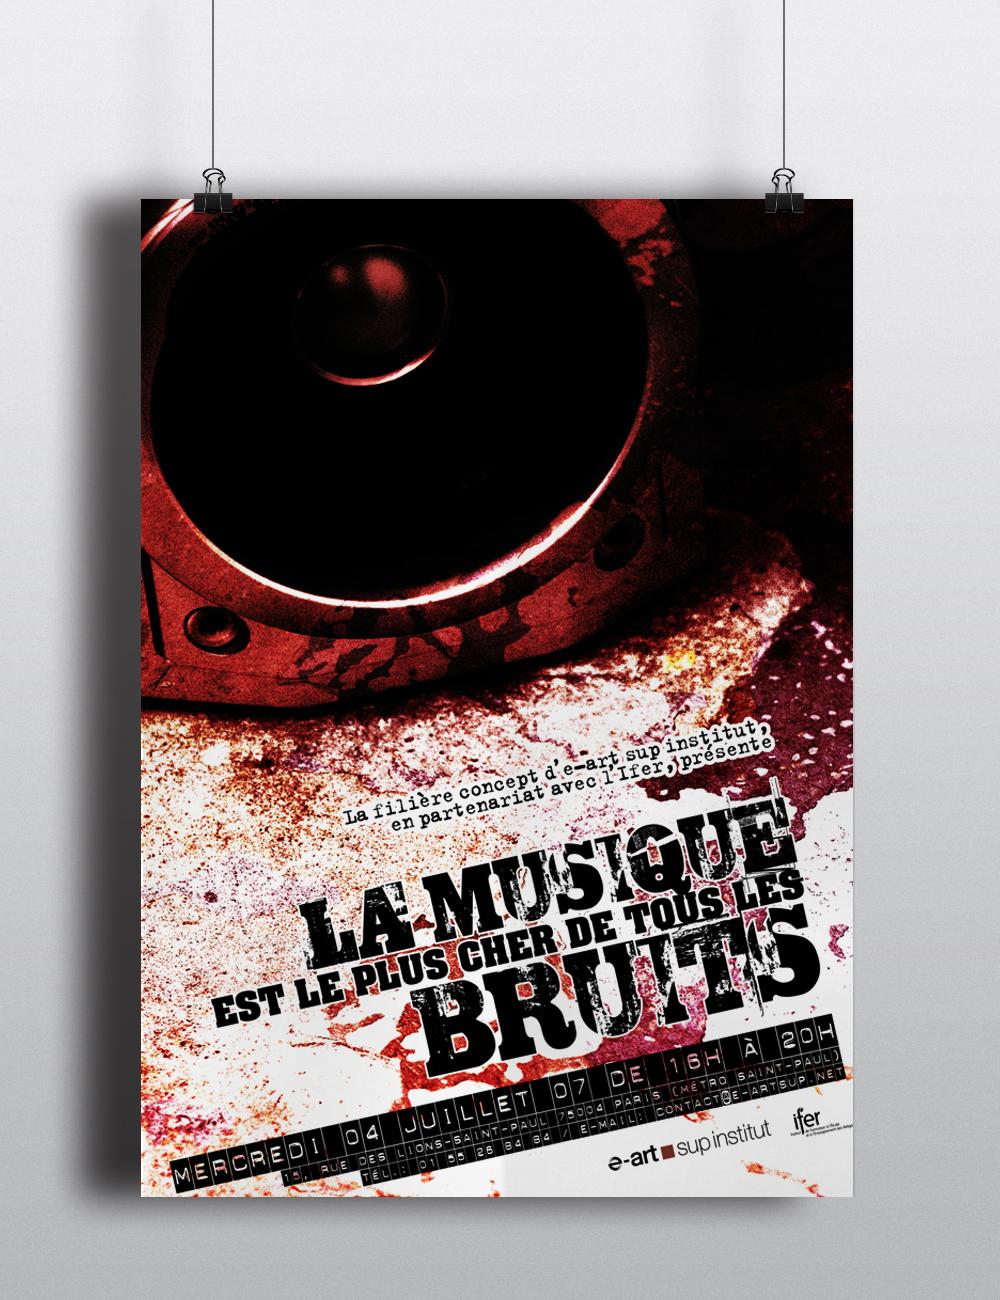 Porfolio da-conceicao.com : affiches : La musique est le plus cher de tous les bruits